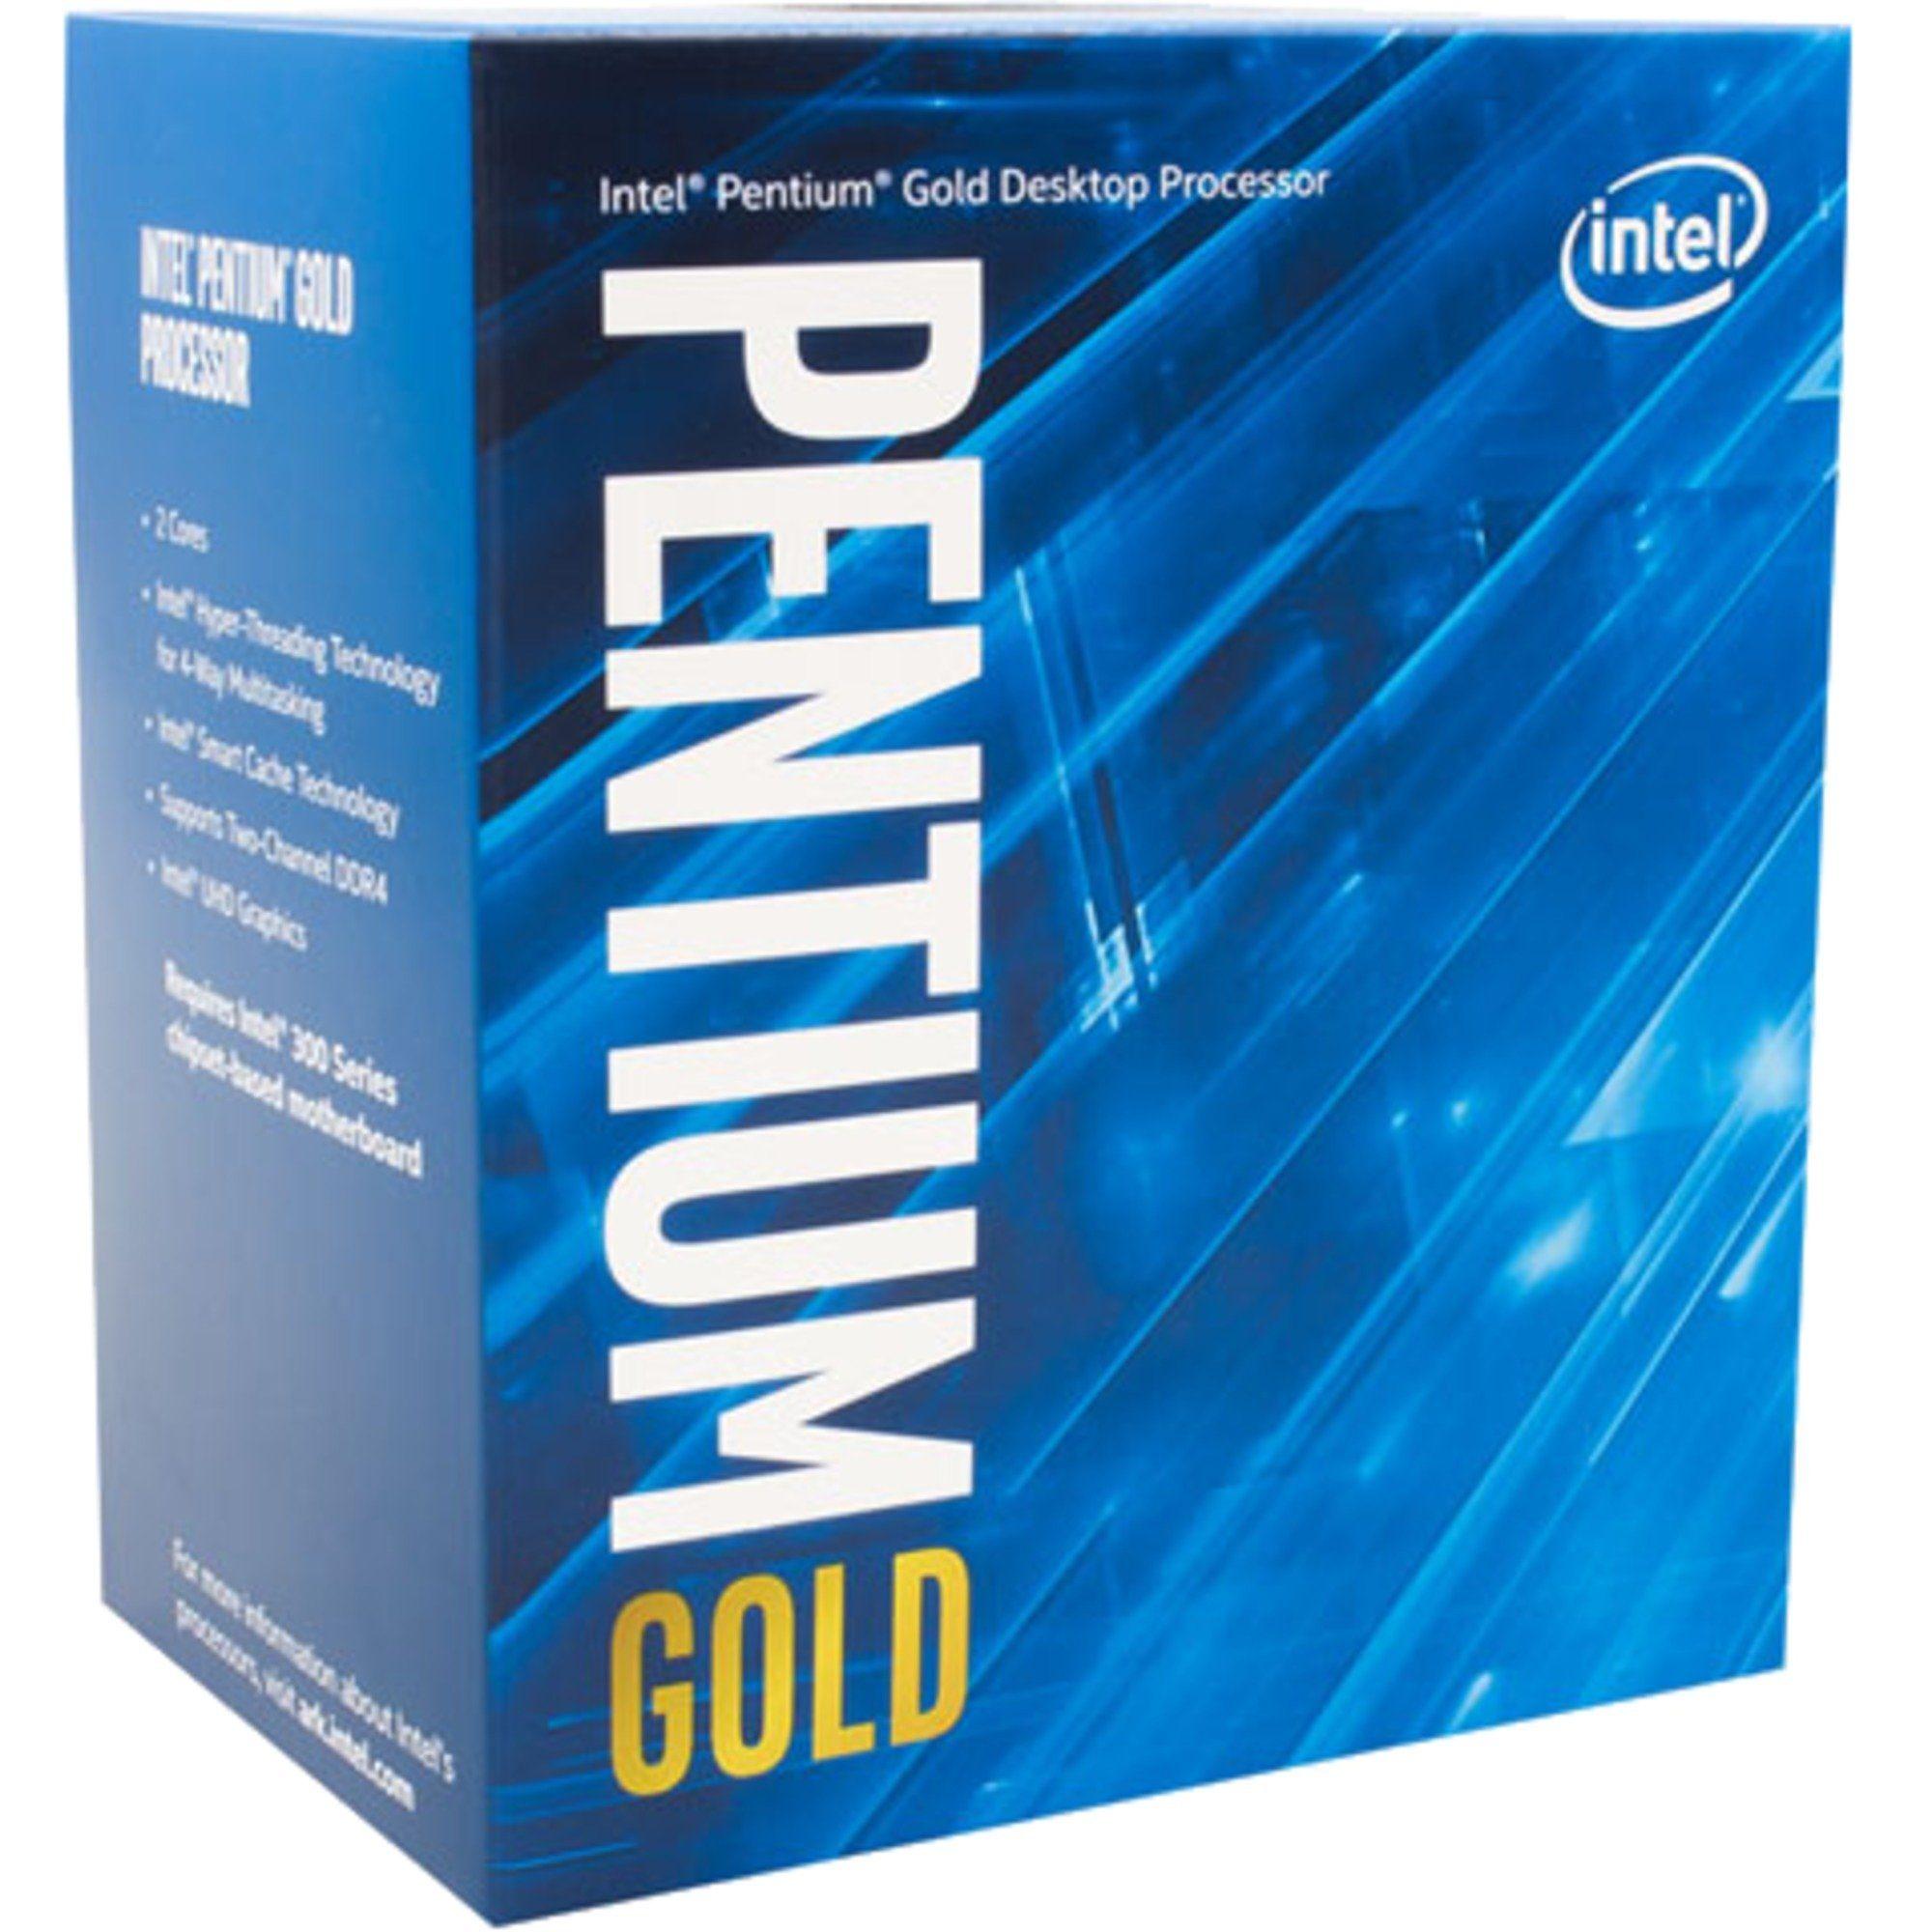 Intel® Prozessor »Pentium® Gold G5500«